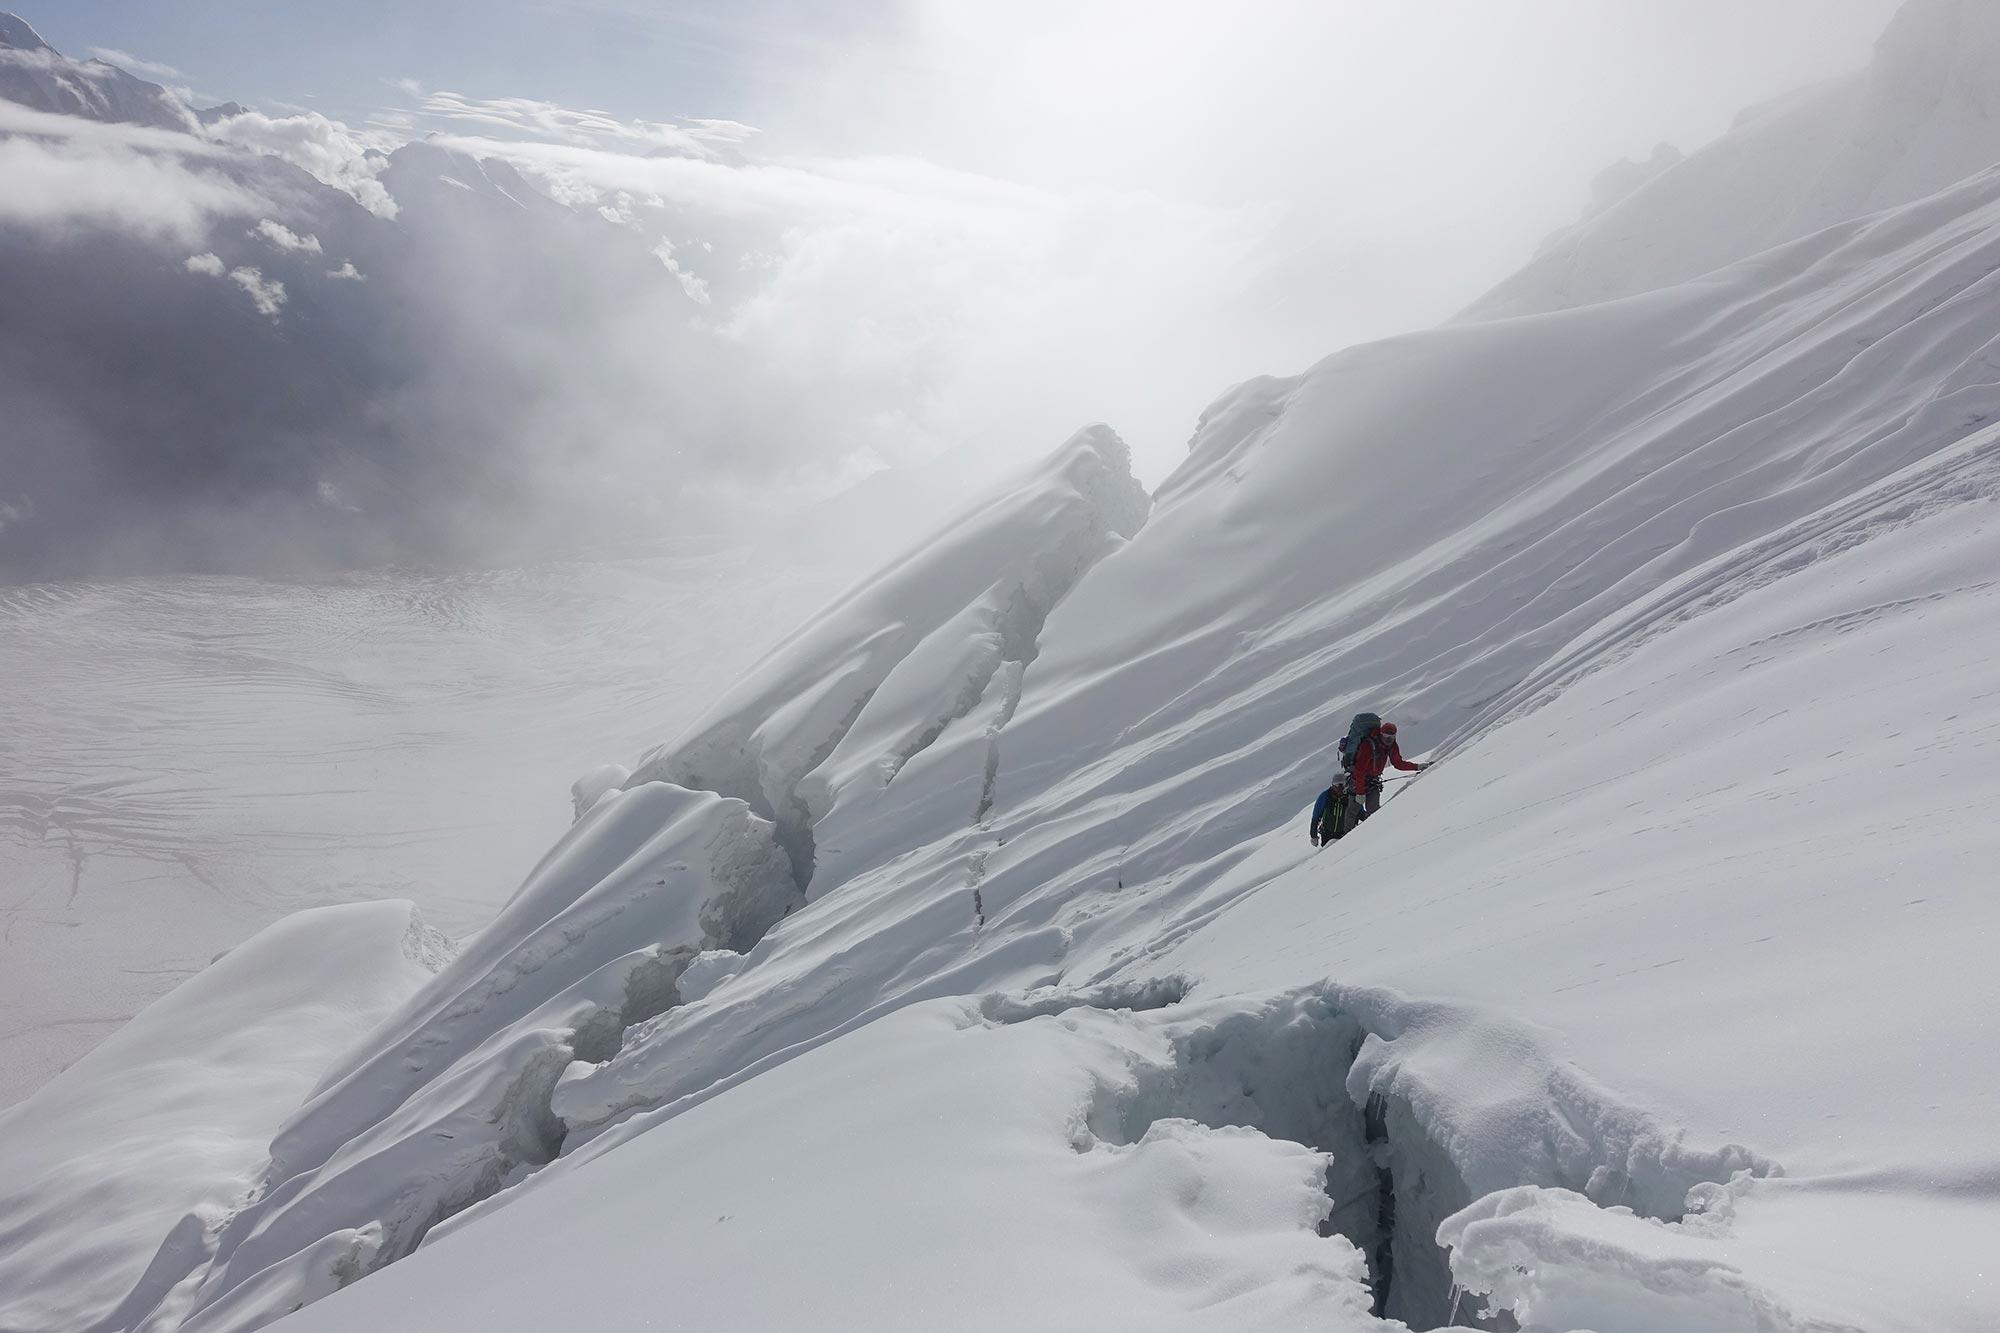 En chemin vers les 14 plus hauts sommets de notre terre